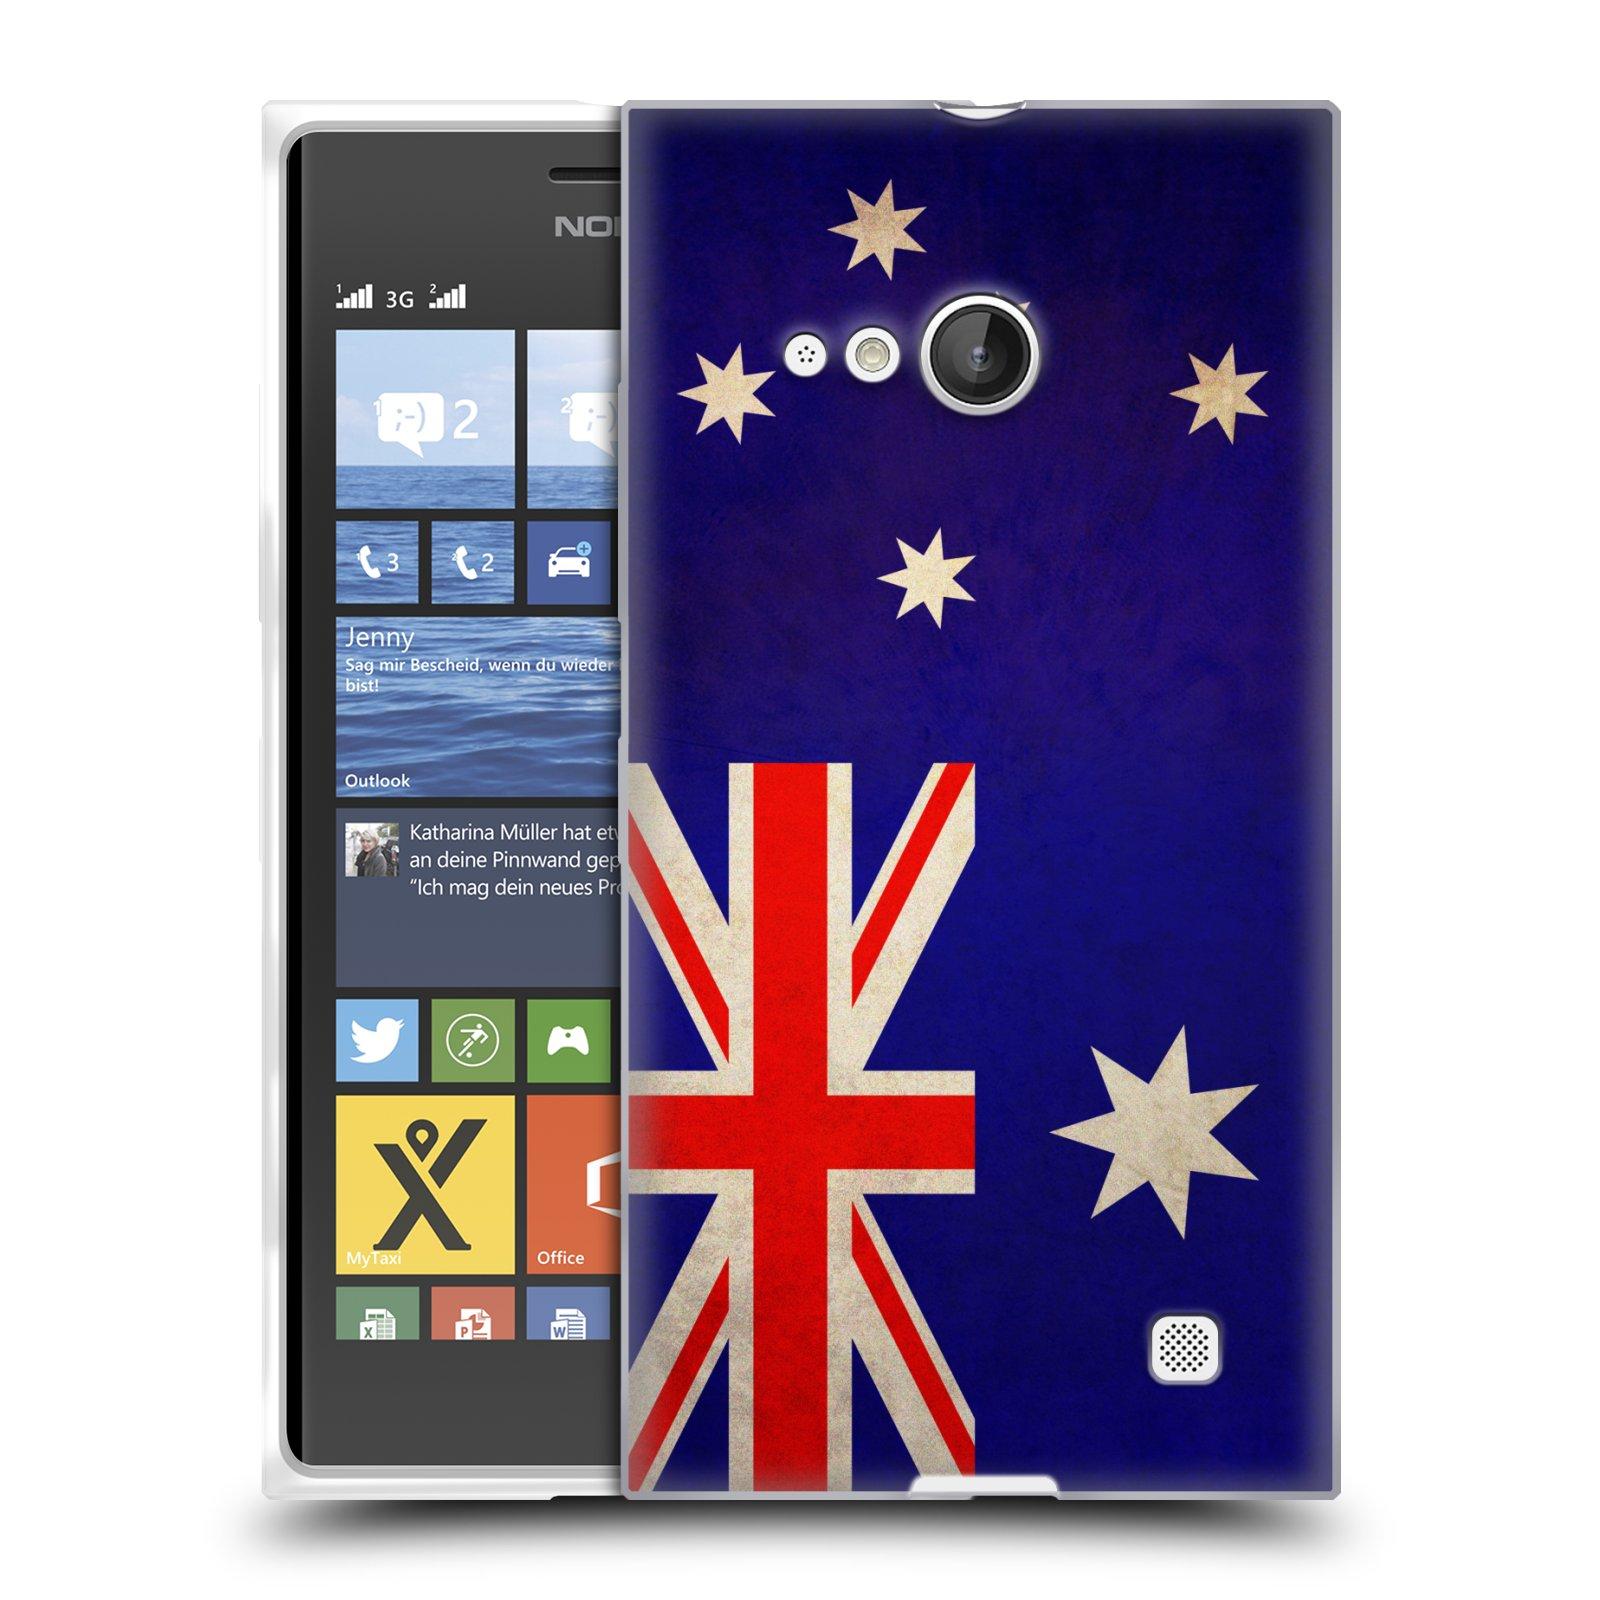 Silikonové pouzdro na mobil Nokia Lumia 730 Dual SIM HEAD CASE VLAJKA AUSTRÁLIE (Silikonový kryt či obal na mobilní telefon Nokia Lumia 730 Dual SIM)